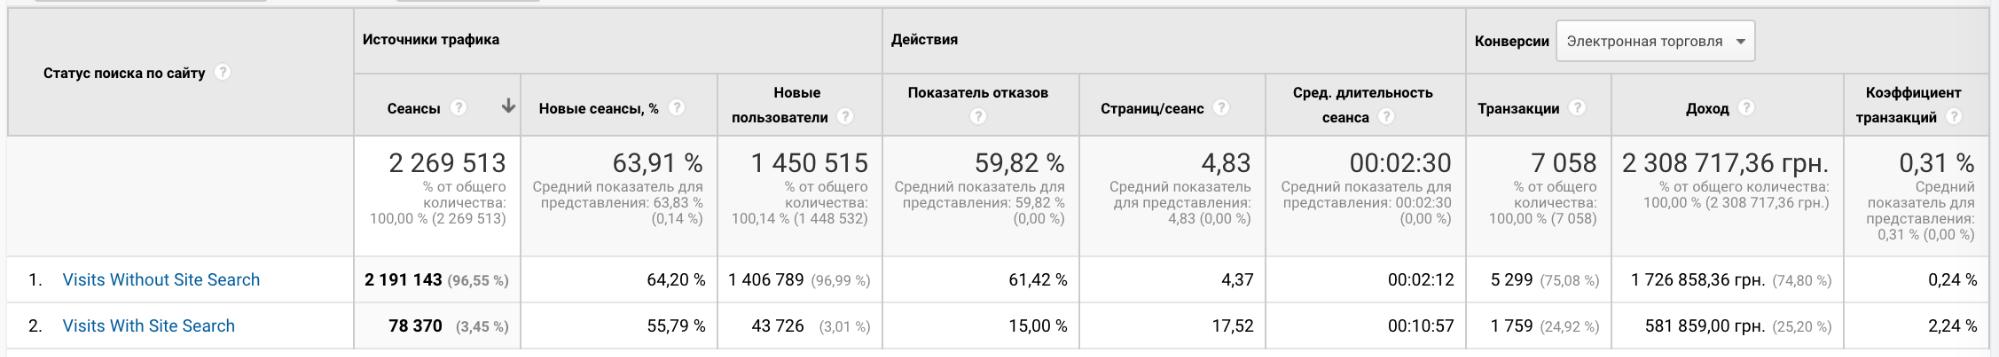 Стандартный отчет Google Analytic внутреннего поиска интернет-магазина